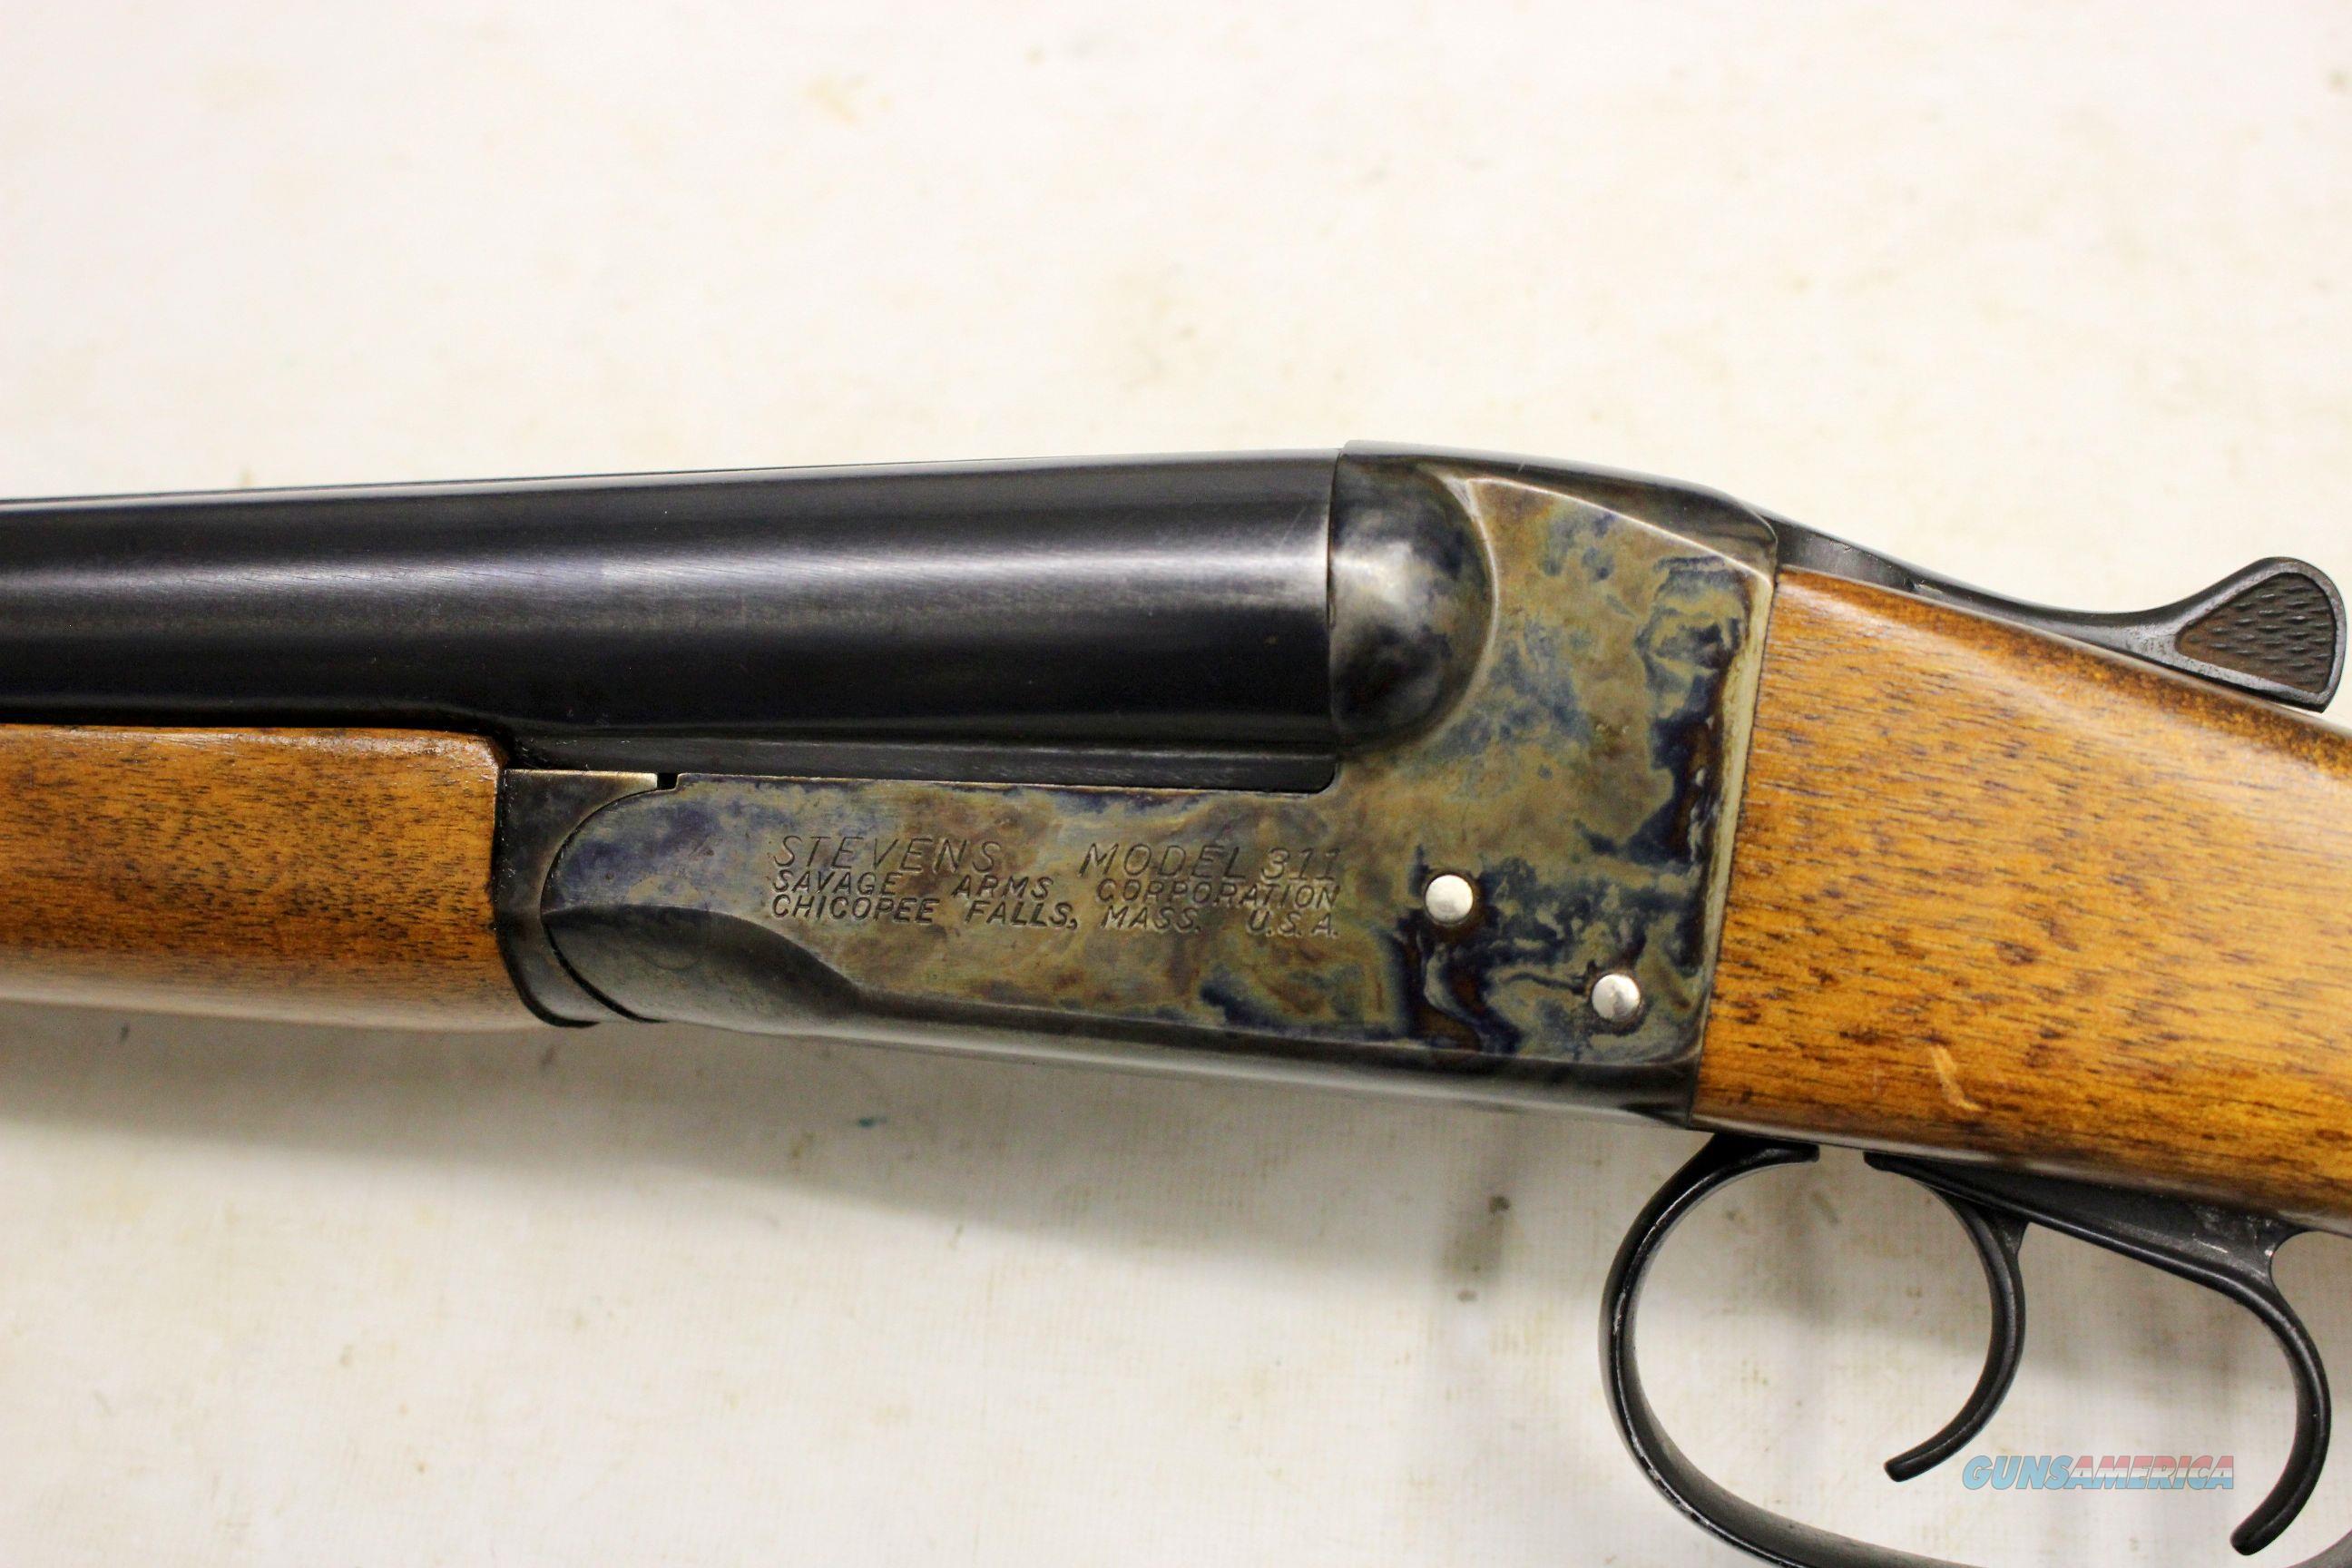 Stevens Model 311A 16 gauge double barrel shotugun SOLID RIB 311